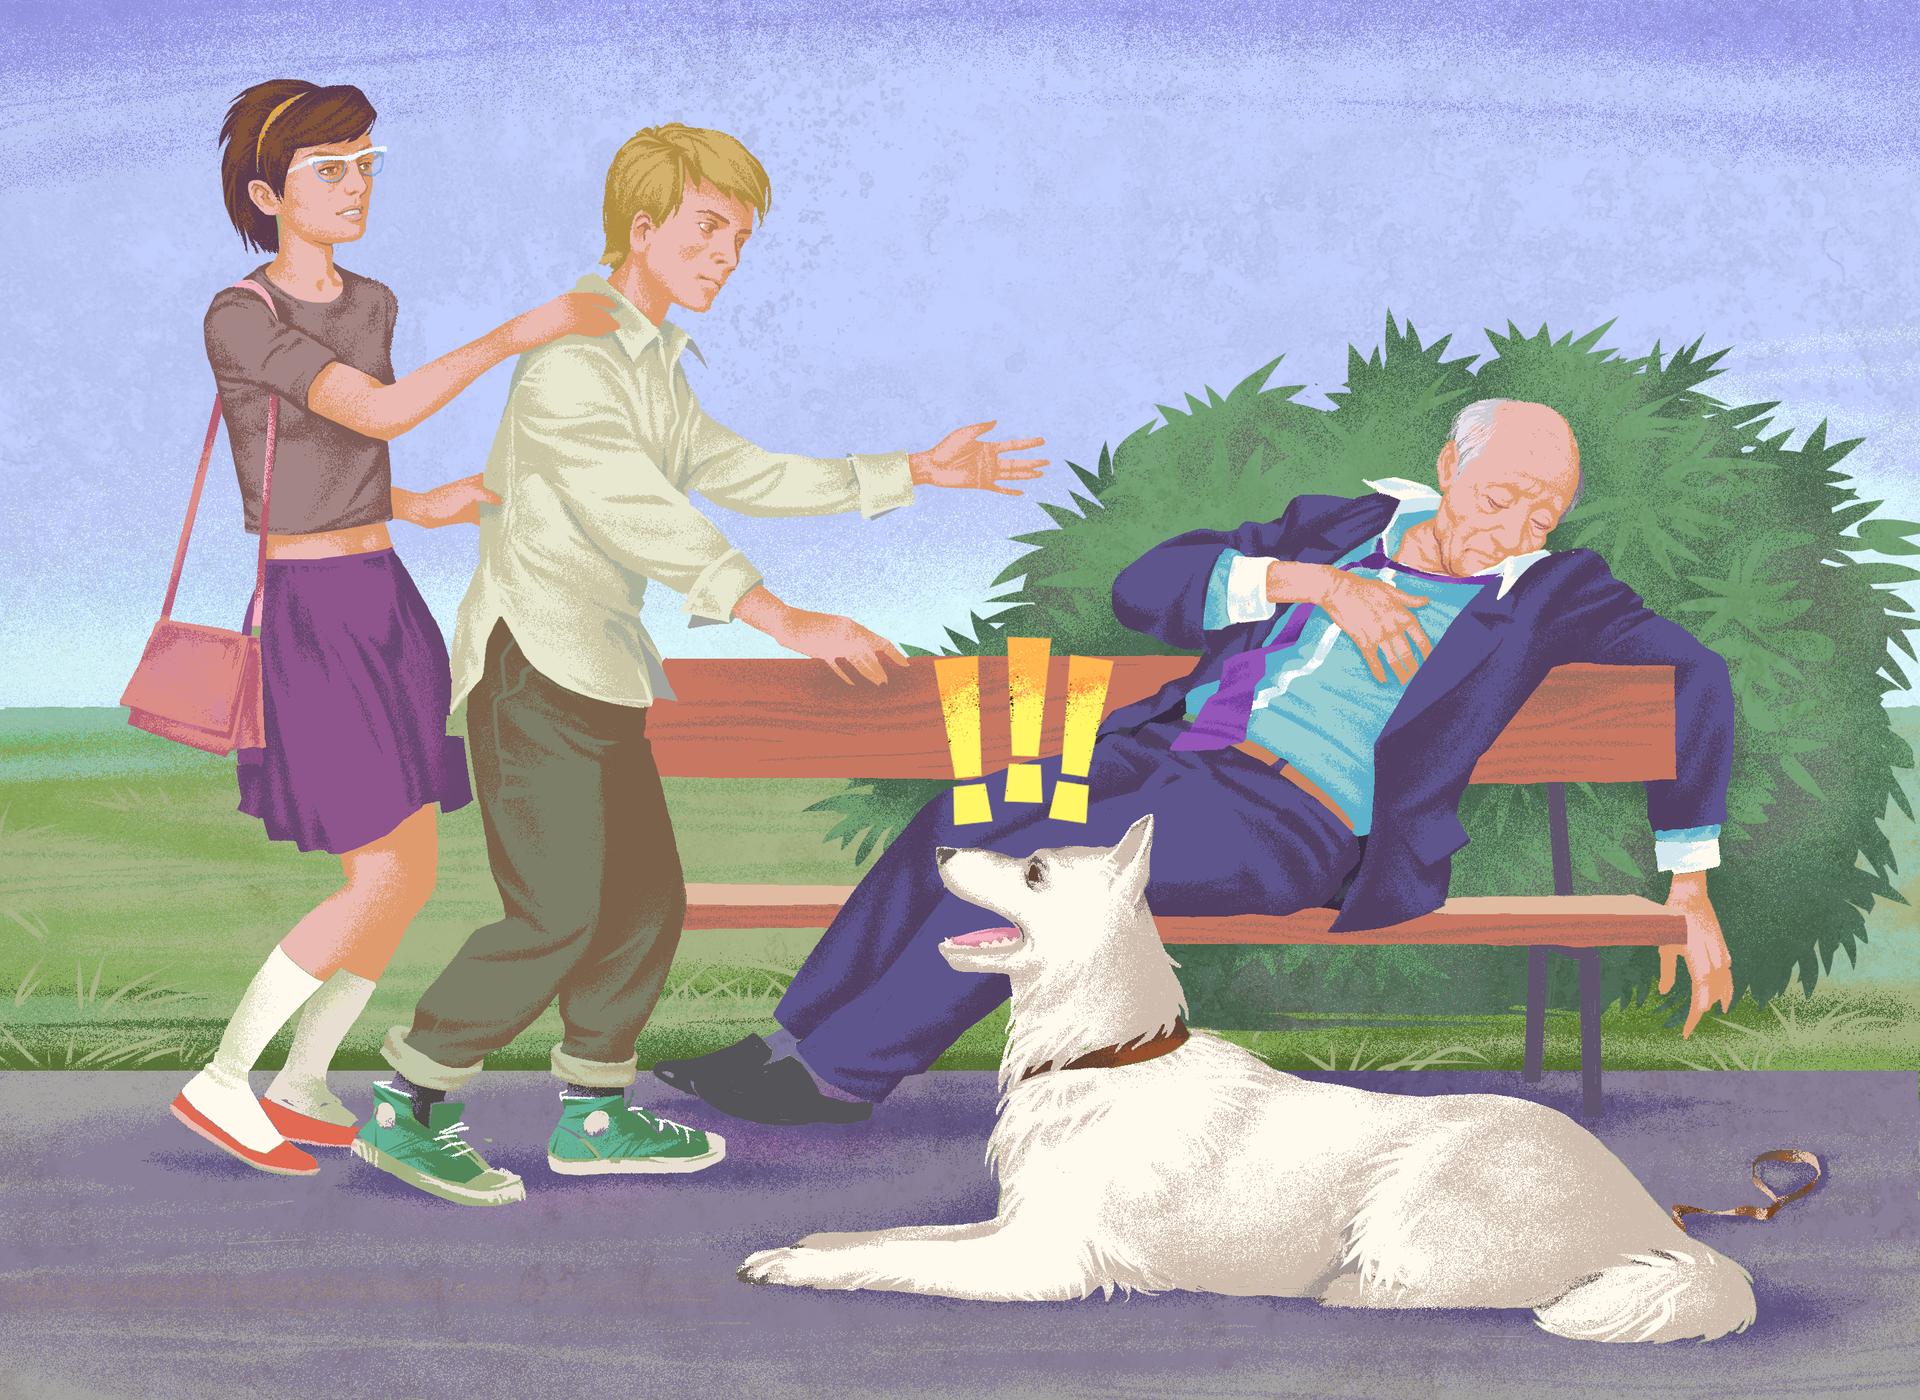 Galeria składa się z4 ilustracji. Ilustracja 1:Ilustracja przedstawia próbę udzielenia pierwszej pomocy starszemu mężczyźnie. Mężczyzna siedzi na ławce wparku. Głowa mężczyzna wsparta na prawym barku, prawa ręka swobodnie zawieszona na oparciu ławki. Lewa dłoń na klatce piersiowej. Po lewej stronie ilustracji dziewczyna przytrzymująca chłopca zmierzającego wstronę mężczyzny. Chłopiec spieszy się aby pomóc nieprzytomnemu mężczyźnie. Naprzeciw ławki, obok mężczyzny, duży biały pies leży na ścieżce. Pies głową skierowany wstronę dziewczyny ichłopaka. Pysk psa otwarty. Trzy żółte wykrzykniki powyżej głowy psa.